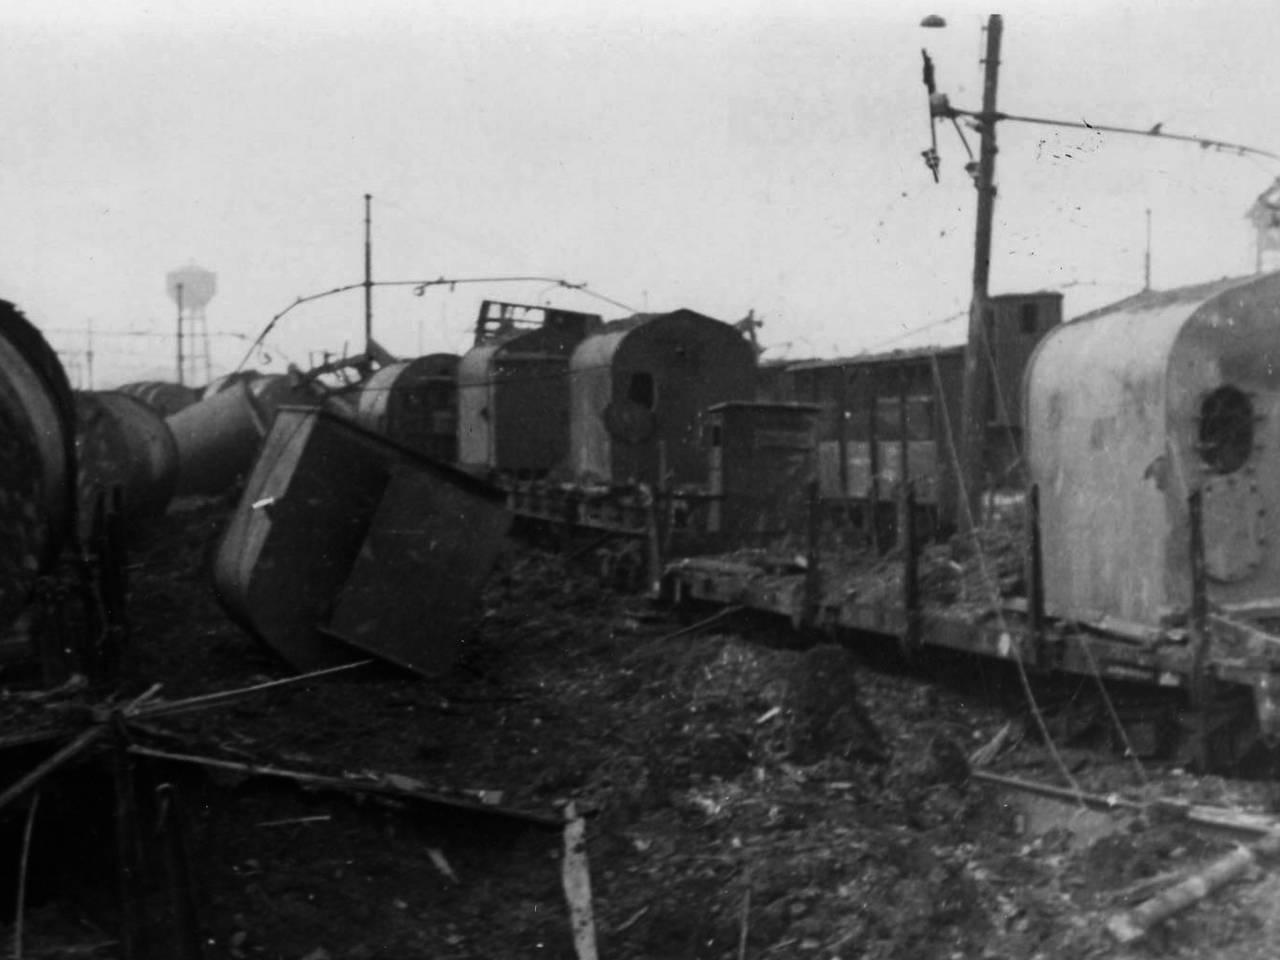 stazione ferroviaria di Reggio Emilia dopo i bombardamenti